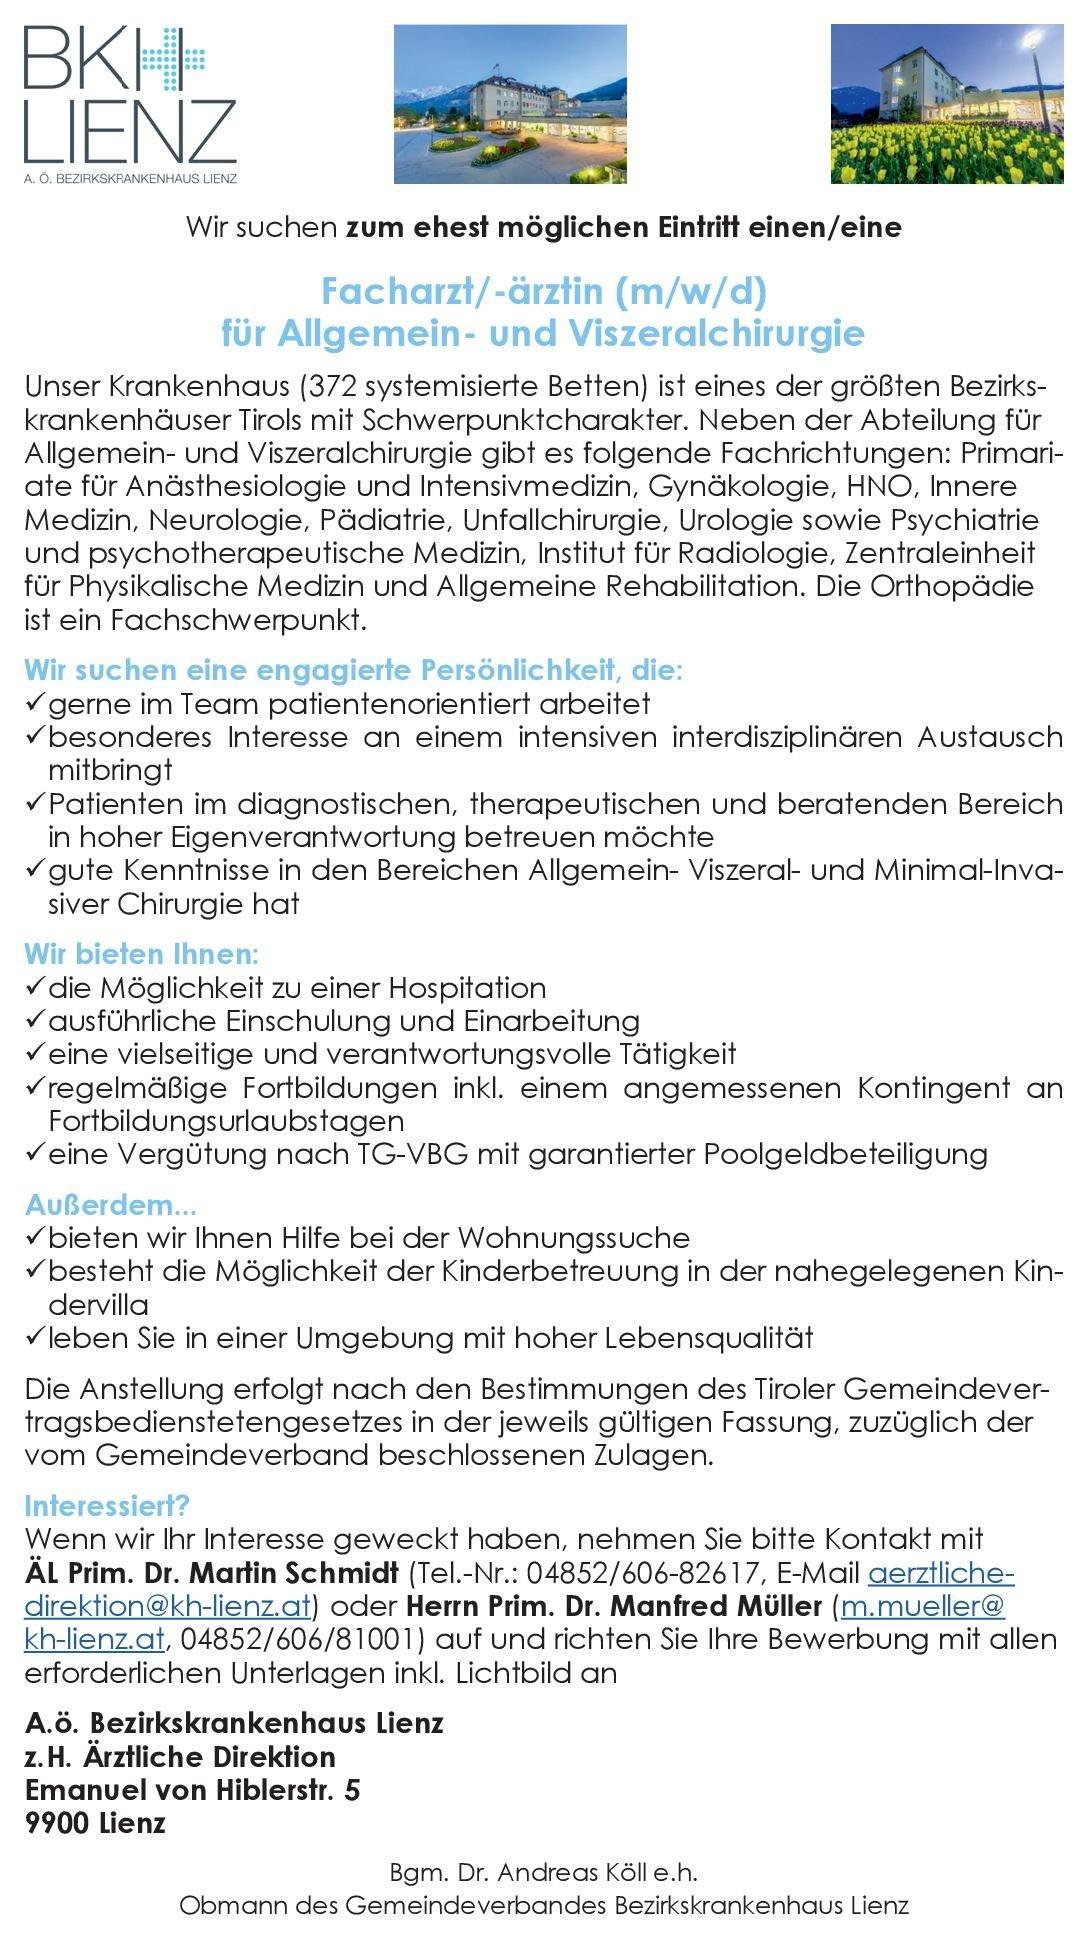 BKH Lienz Facharzt (m/w/d) für Allgemein- und Viszeralchirurgie  Viszeralchirurgie, Chirurgie Arzt / Facharzt